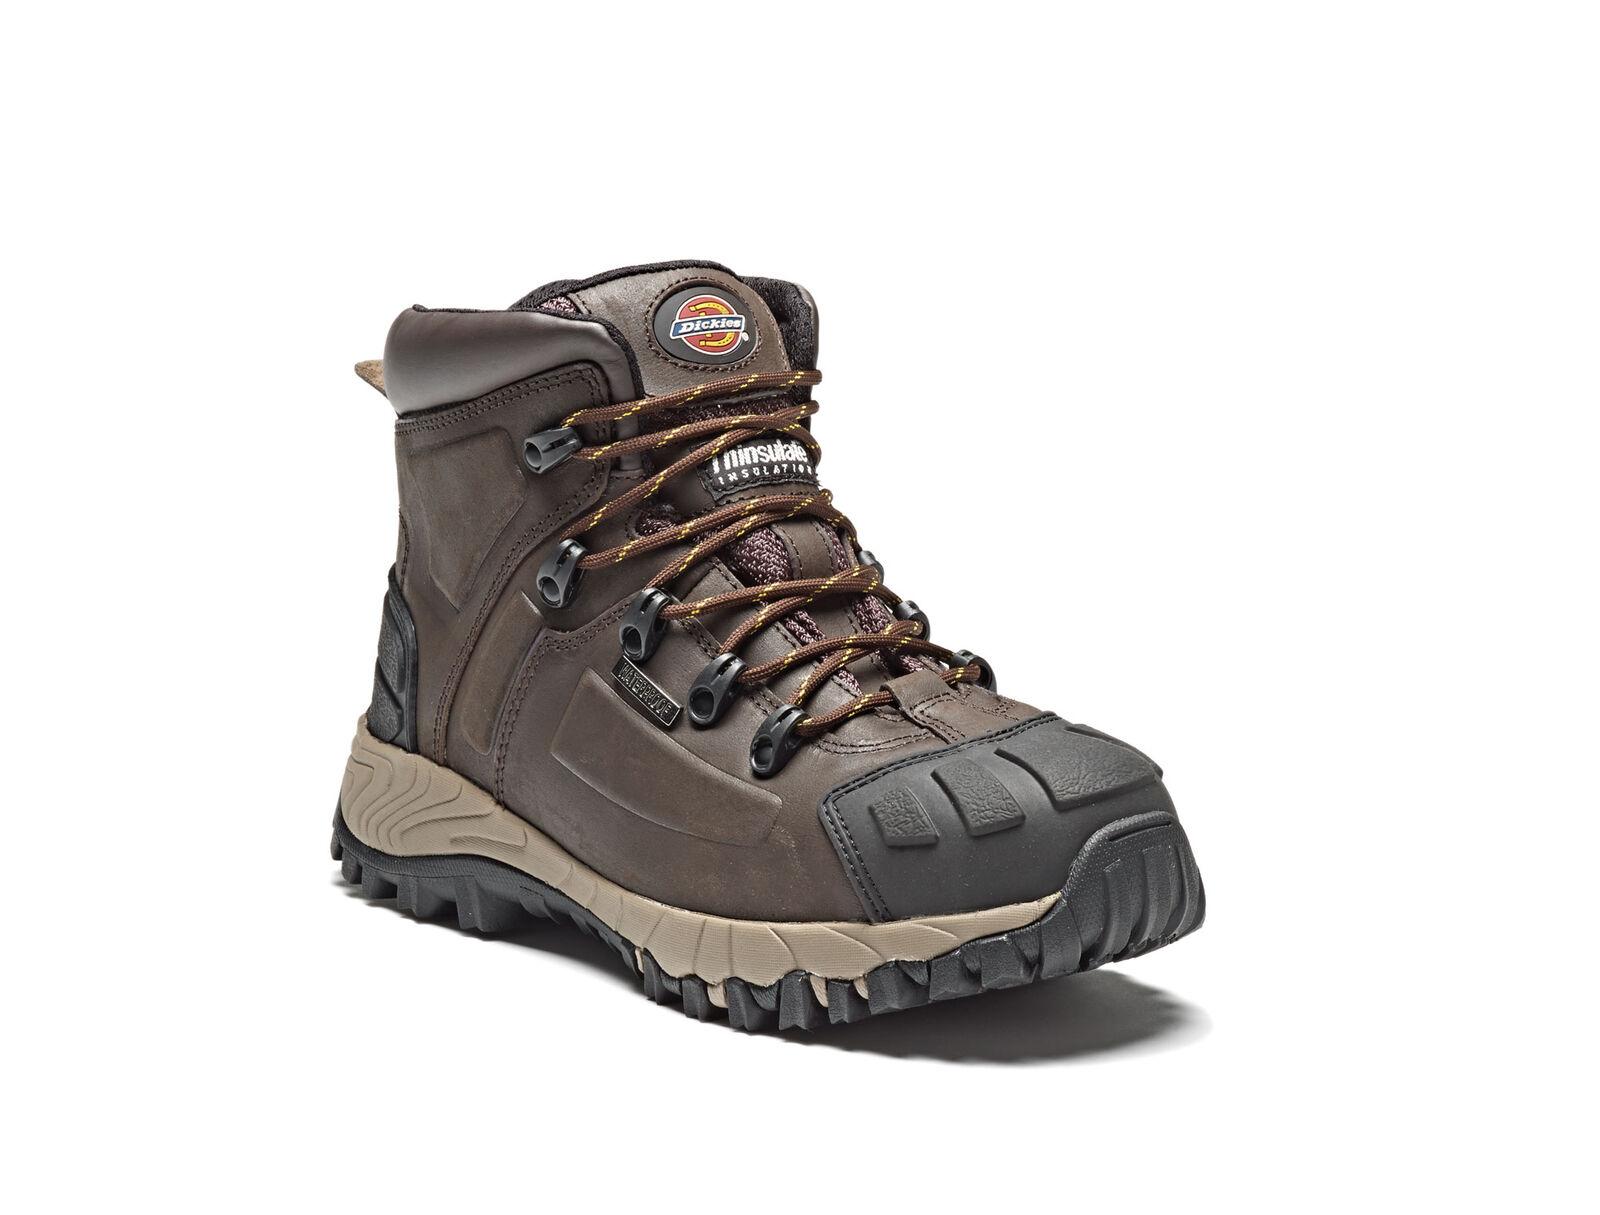 Dickies Medway S3 Seguridad botas De Trabajo marrón Acero toecap & entresuela Impermeable